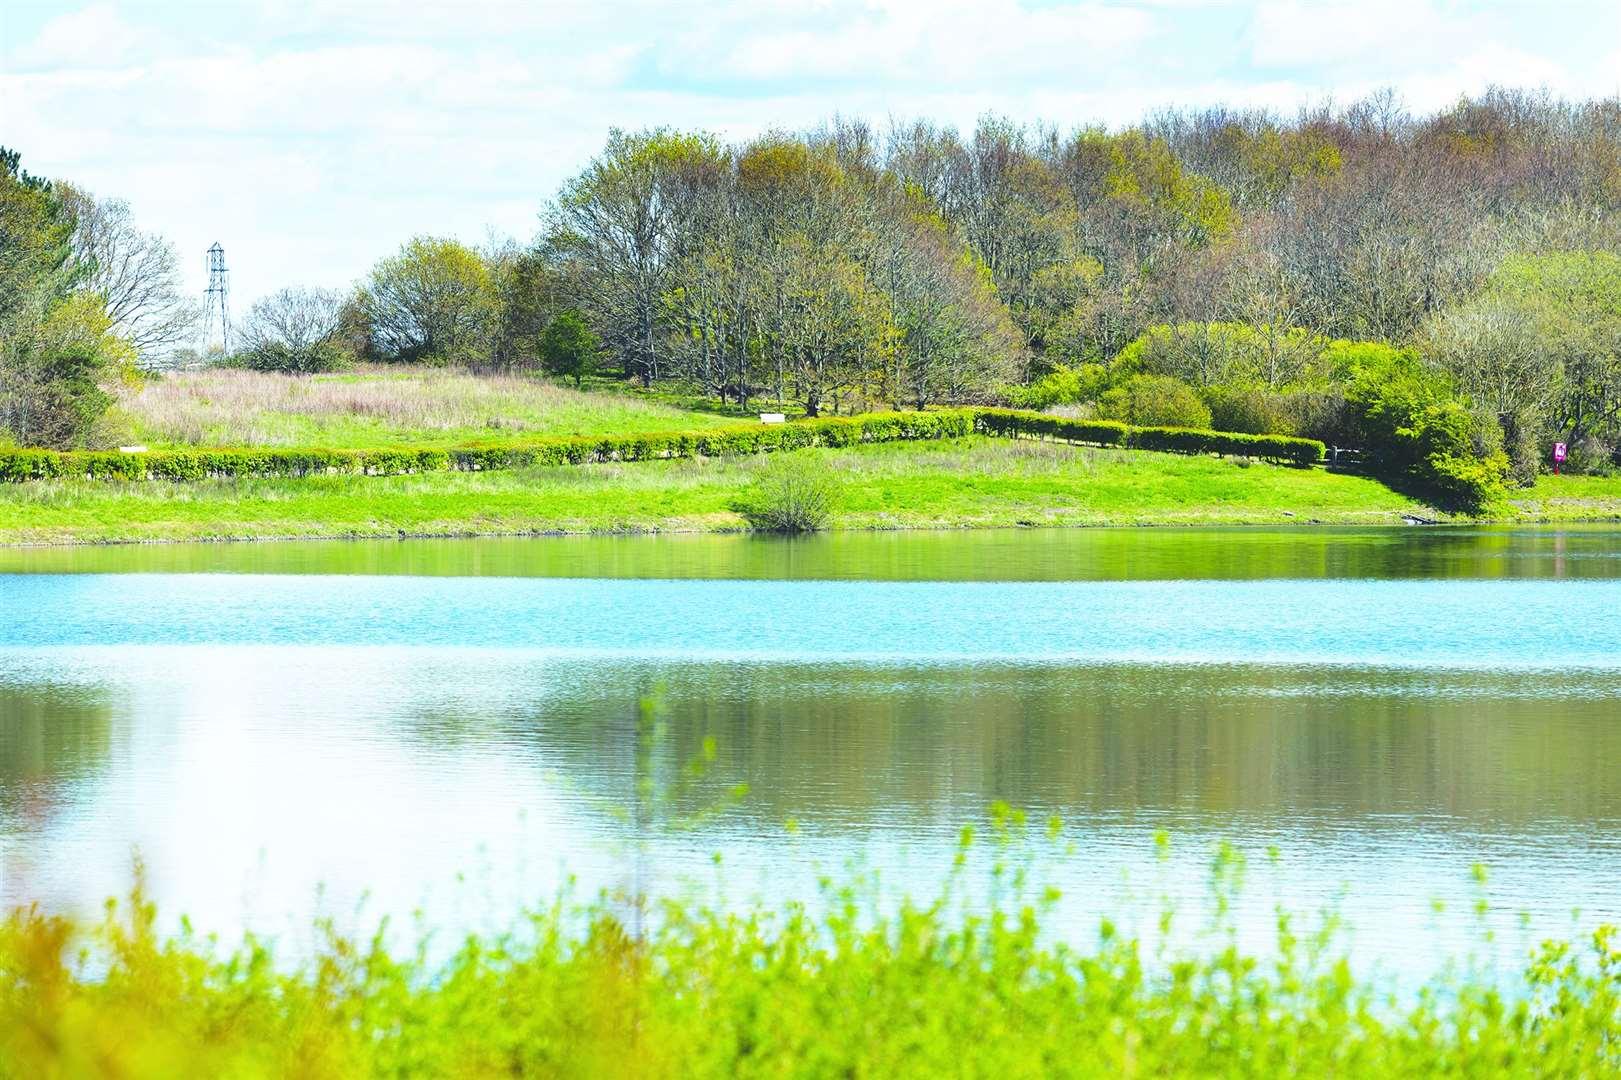 South East Water pompe en moyenne 520 millions de litres par jour dans les foyers et les entreprises de la région